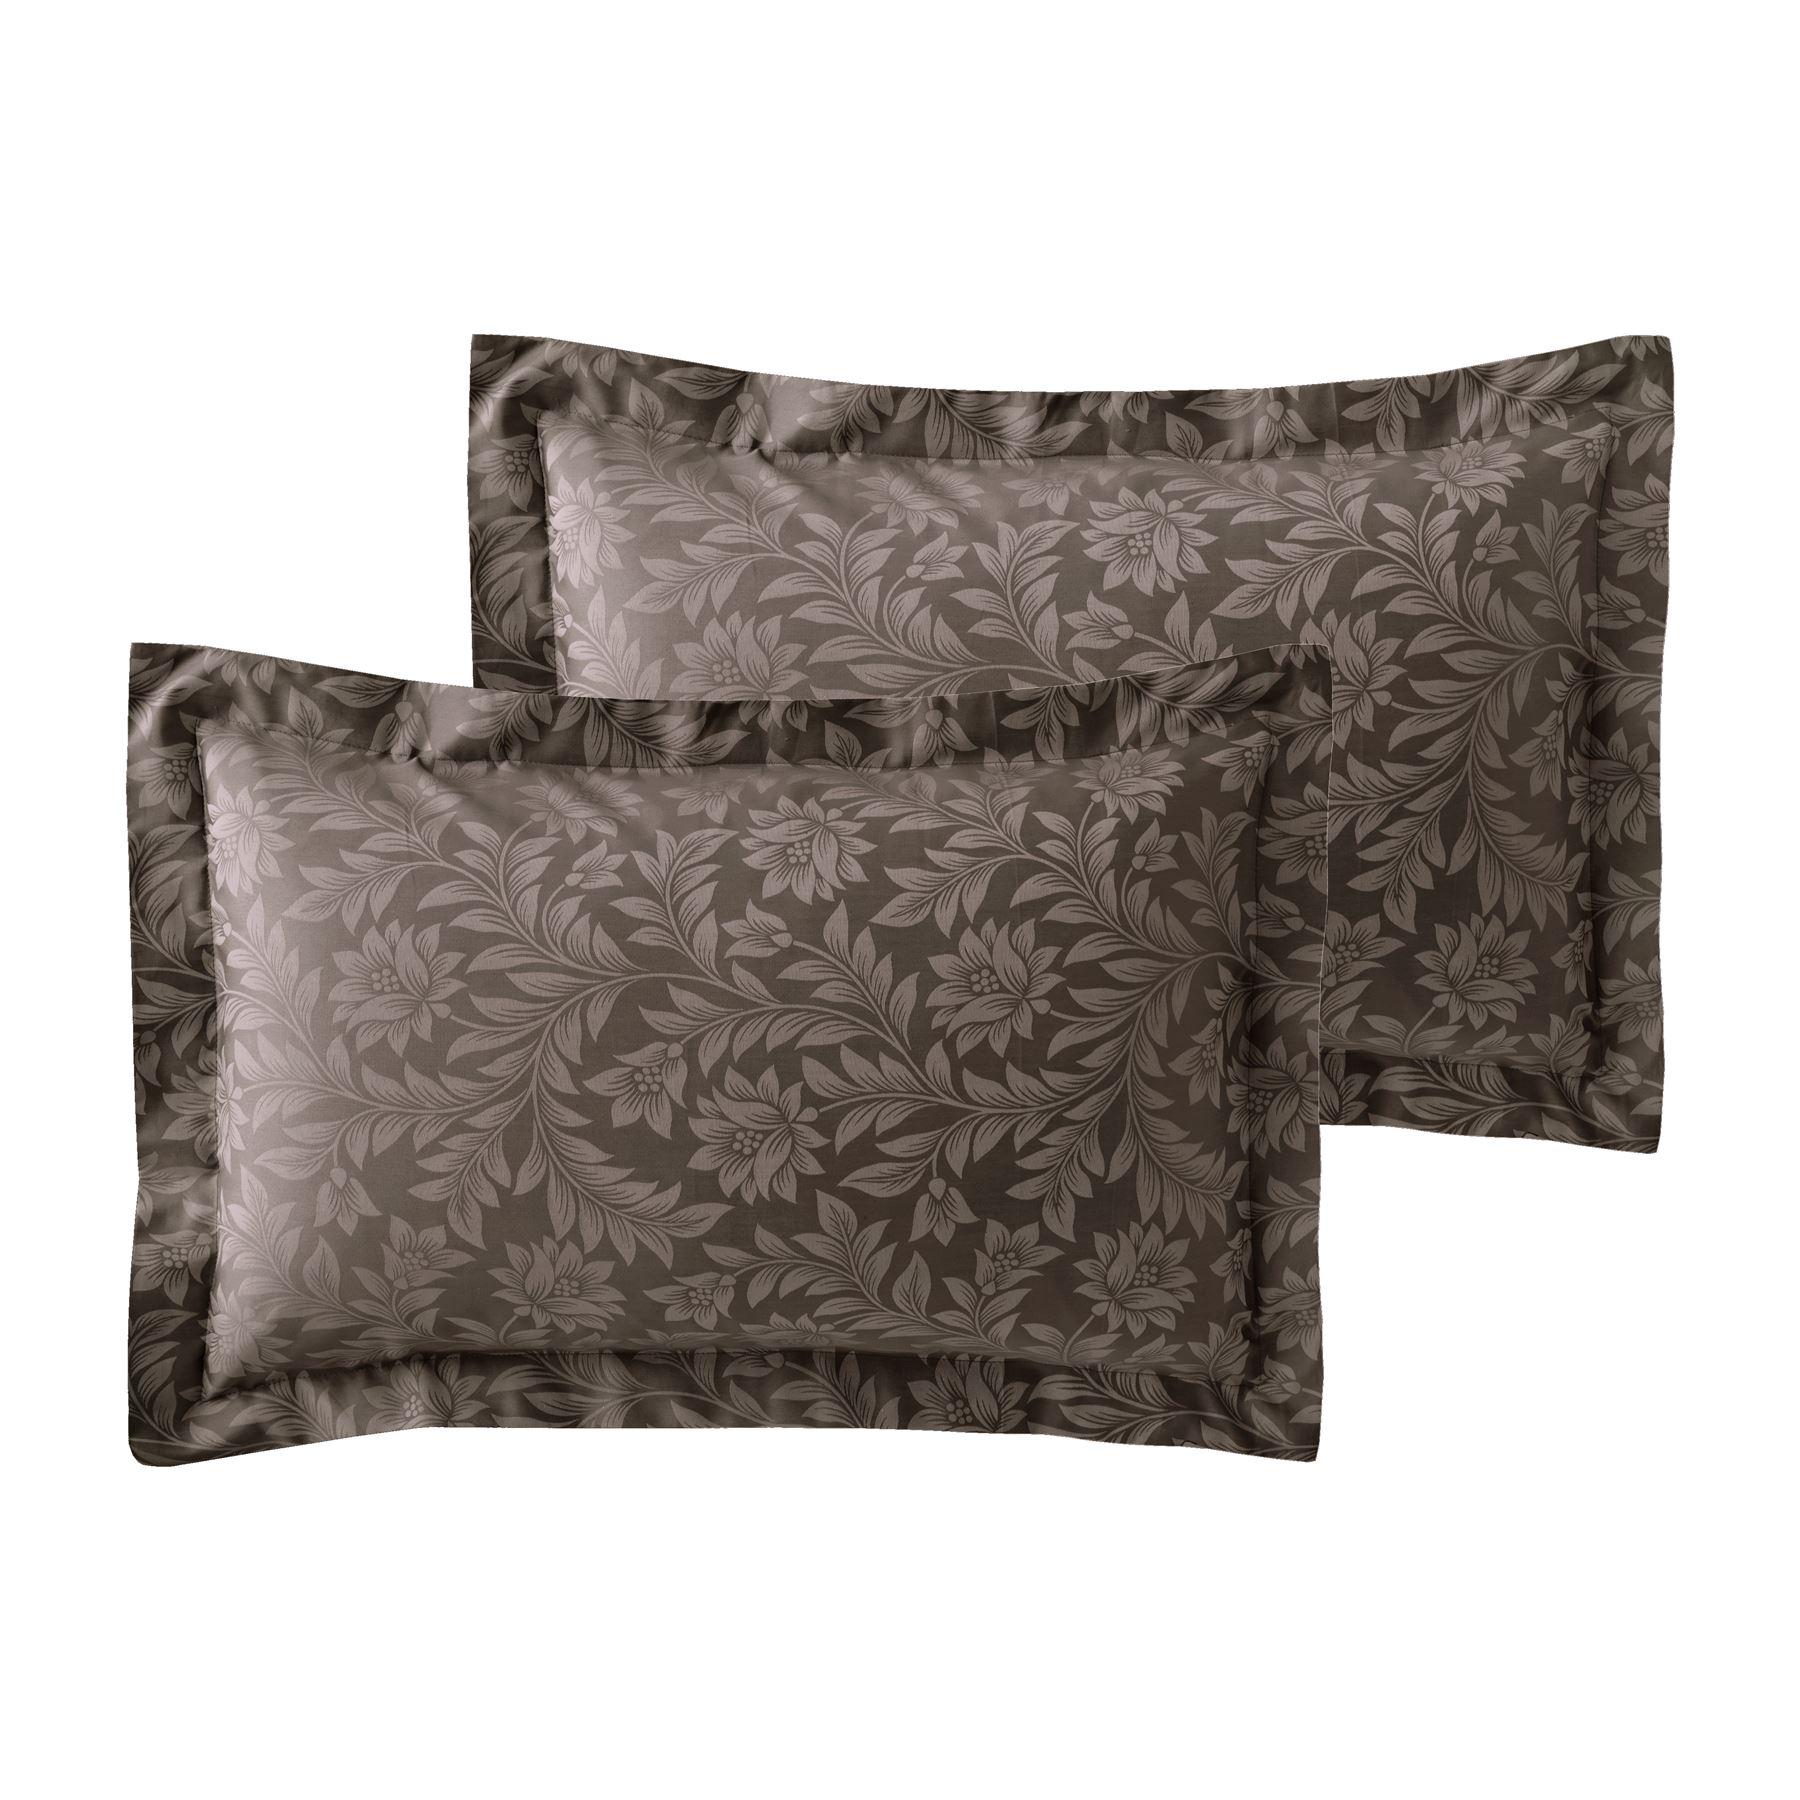 Jacquard-600-Hilos-De-Algodon-Rico-Floral-Duvet-Cover-Set-Fundas-de-almohada-Oxford miniatura 11